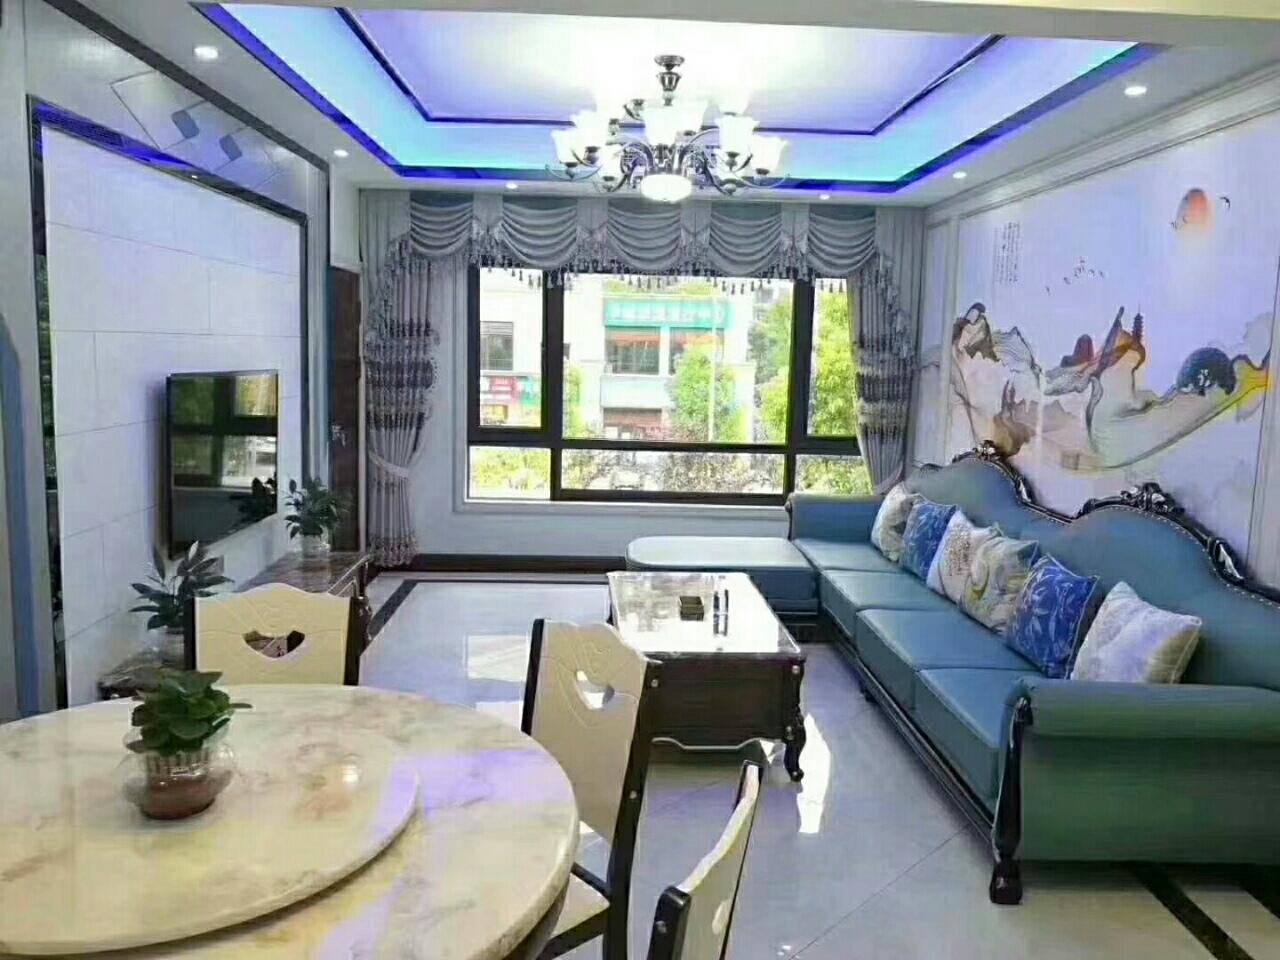 金科天越楼中楼出售,豪华装修,家具家电齐全,4室 2厅 2卫120万元